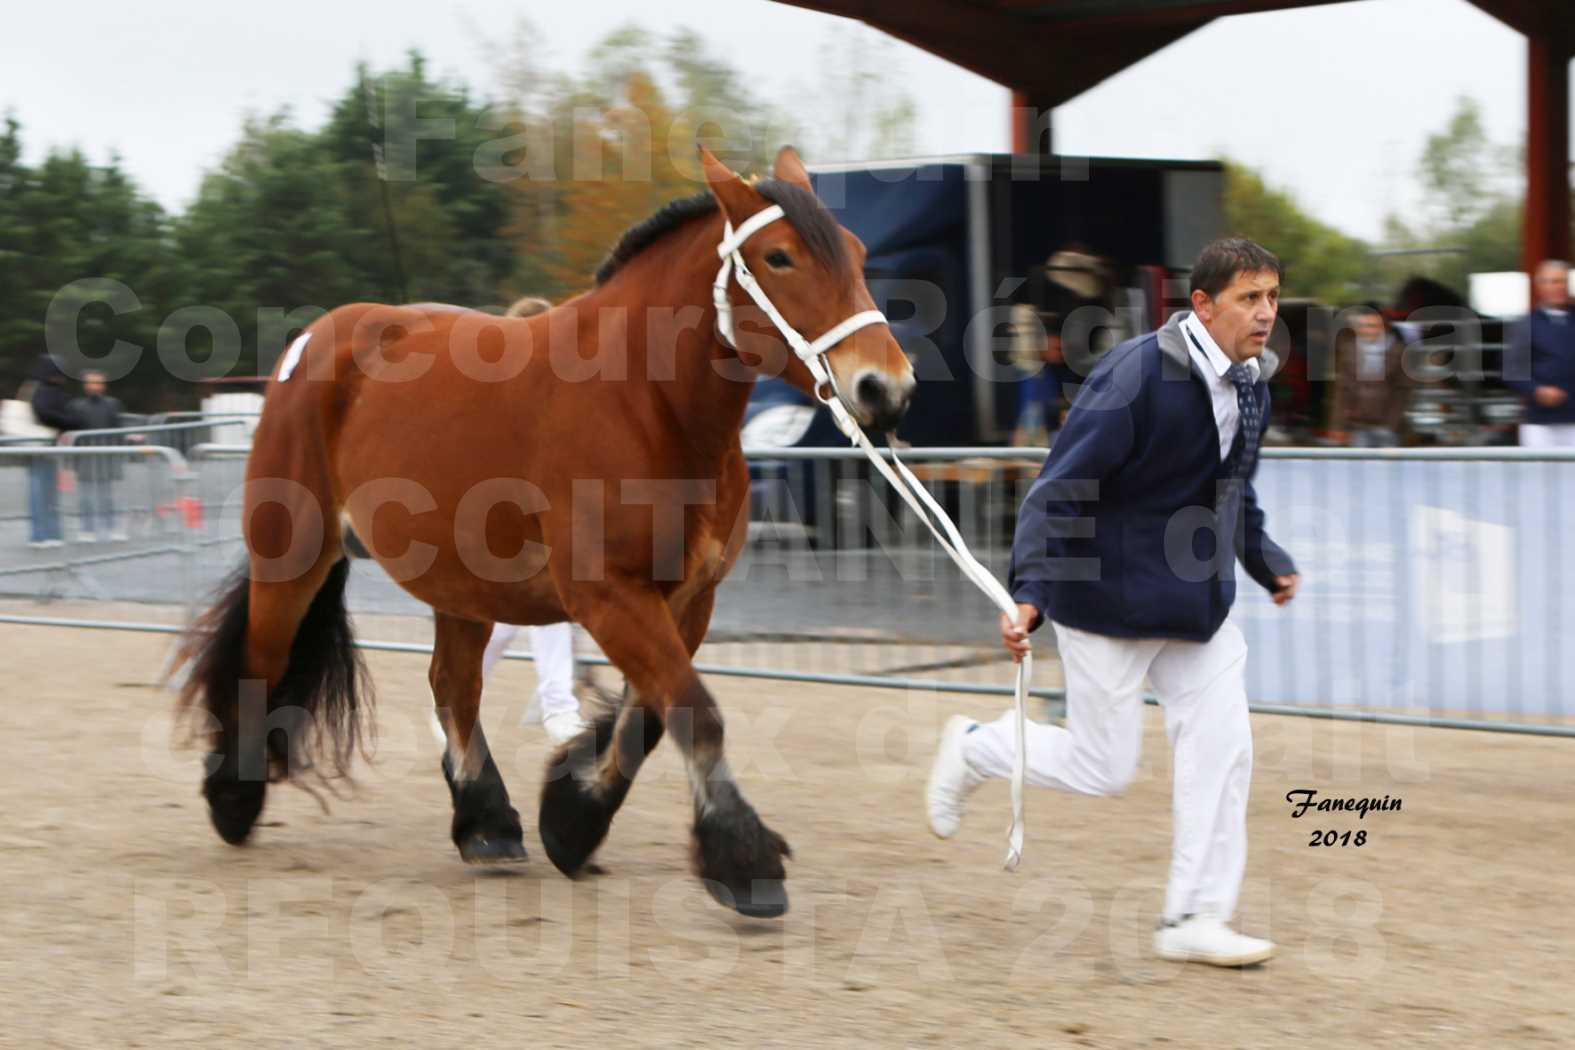 Concours Régional OCCITANIE de chevaux de traits à REQUISTA - COMETE DE GRILLOLES - 2